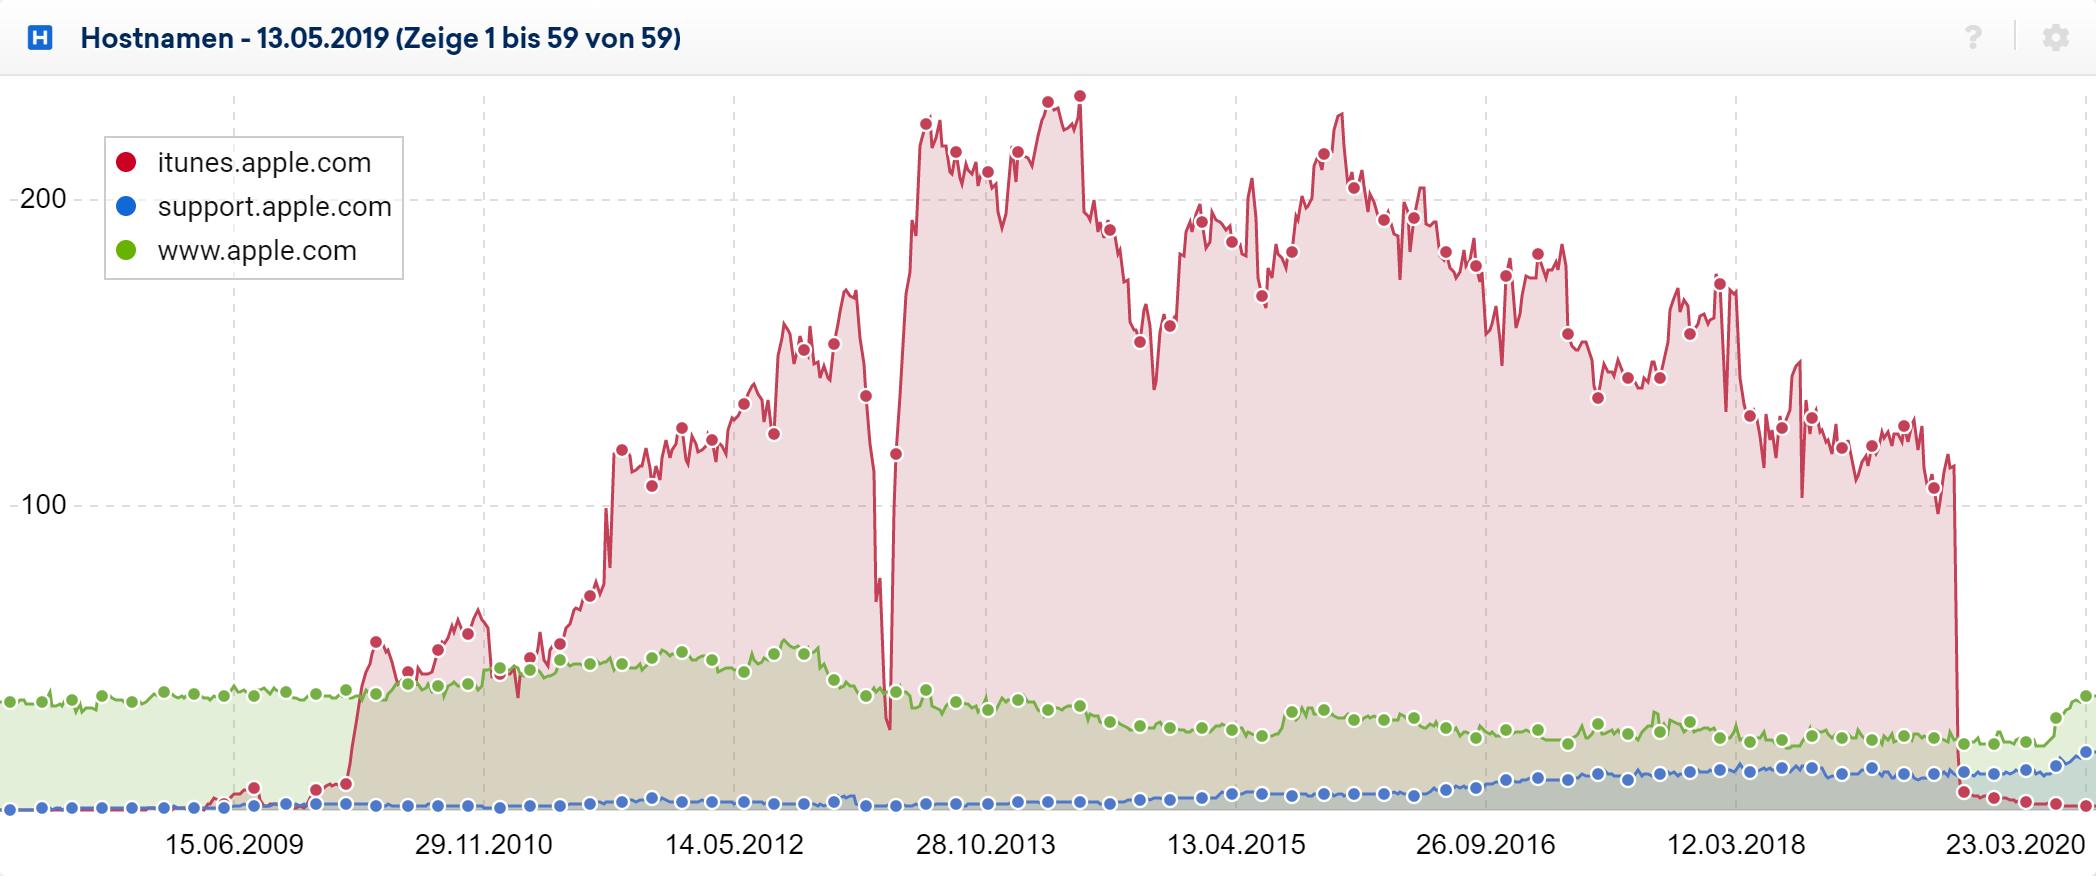 Hostnamen-Verlauf für die Desktop-Daten zum Datenpunkt 13.05.2019. Der itunes.apple.com Host hat die meiste Sichtbarkeit und verschwindet abrupt Anfang 2020.